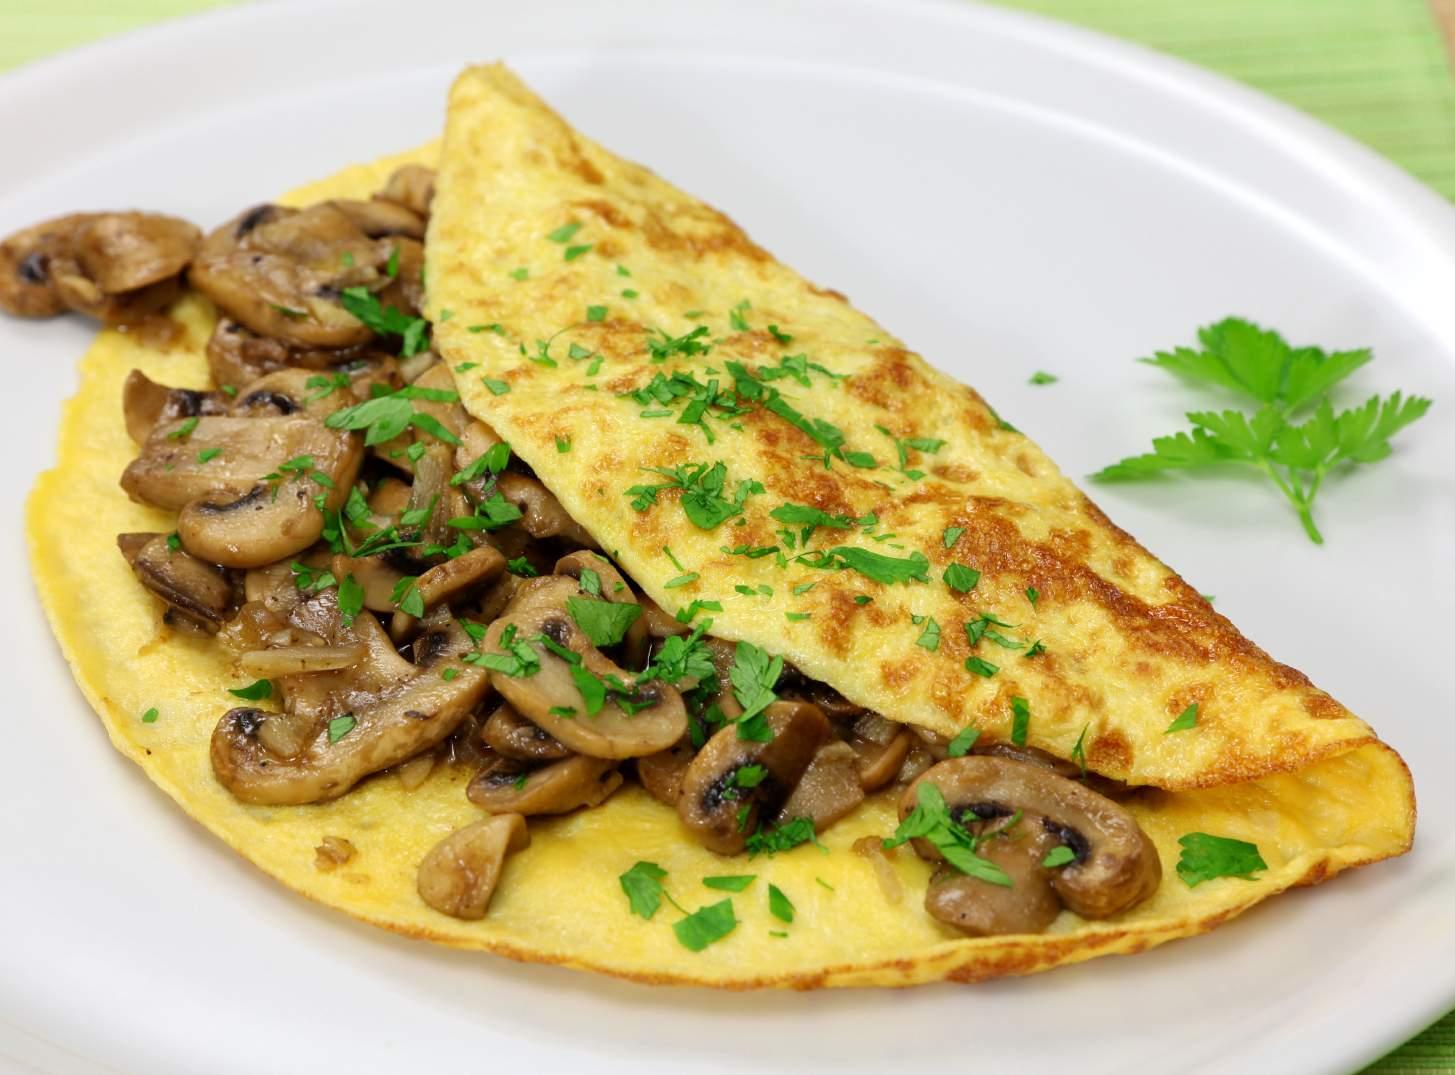 Neka vaš izbor ovog jutra bude omlet sa gljivama